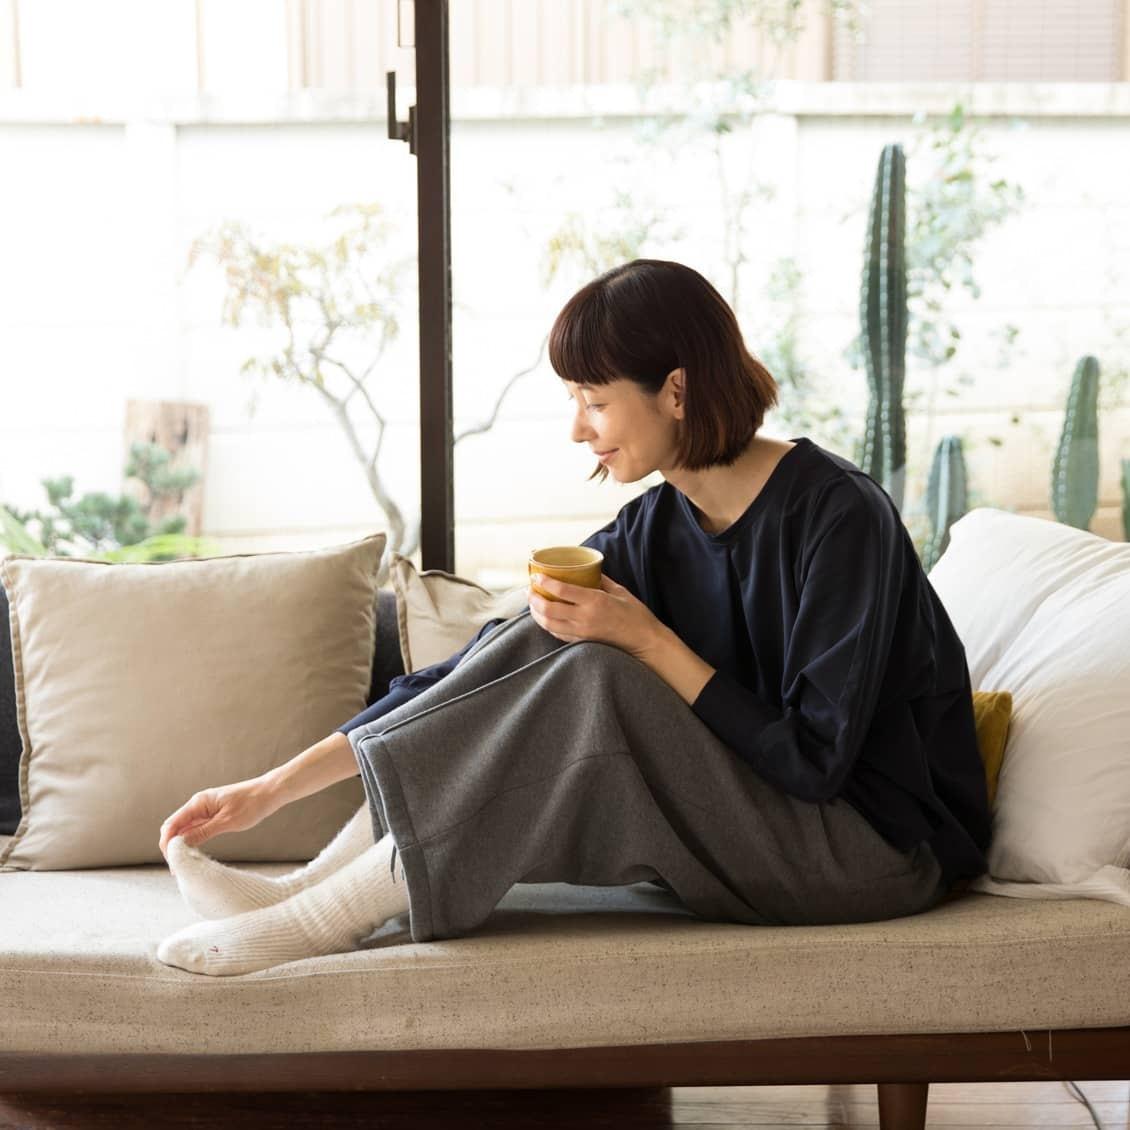 【新商品&再入荷】香菜子さんとつくったルームウェアが今年も!ふわふわパイルのルームソックスも新登場です♪